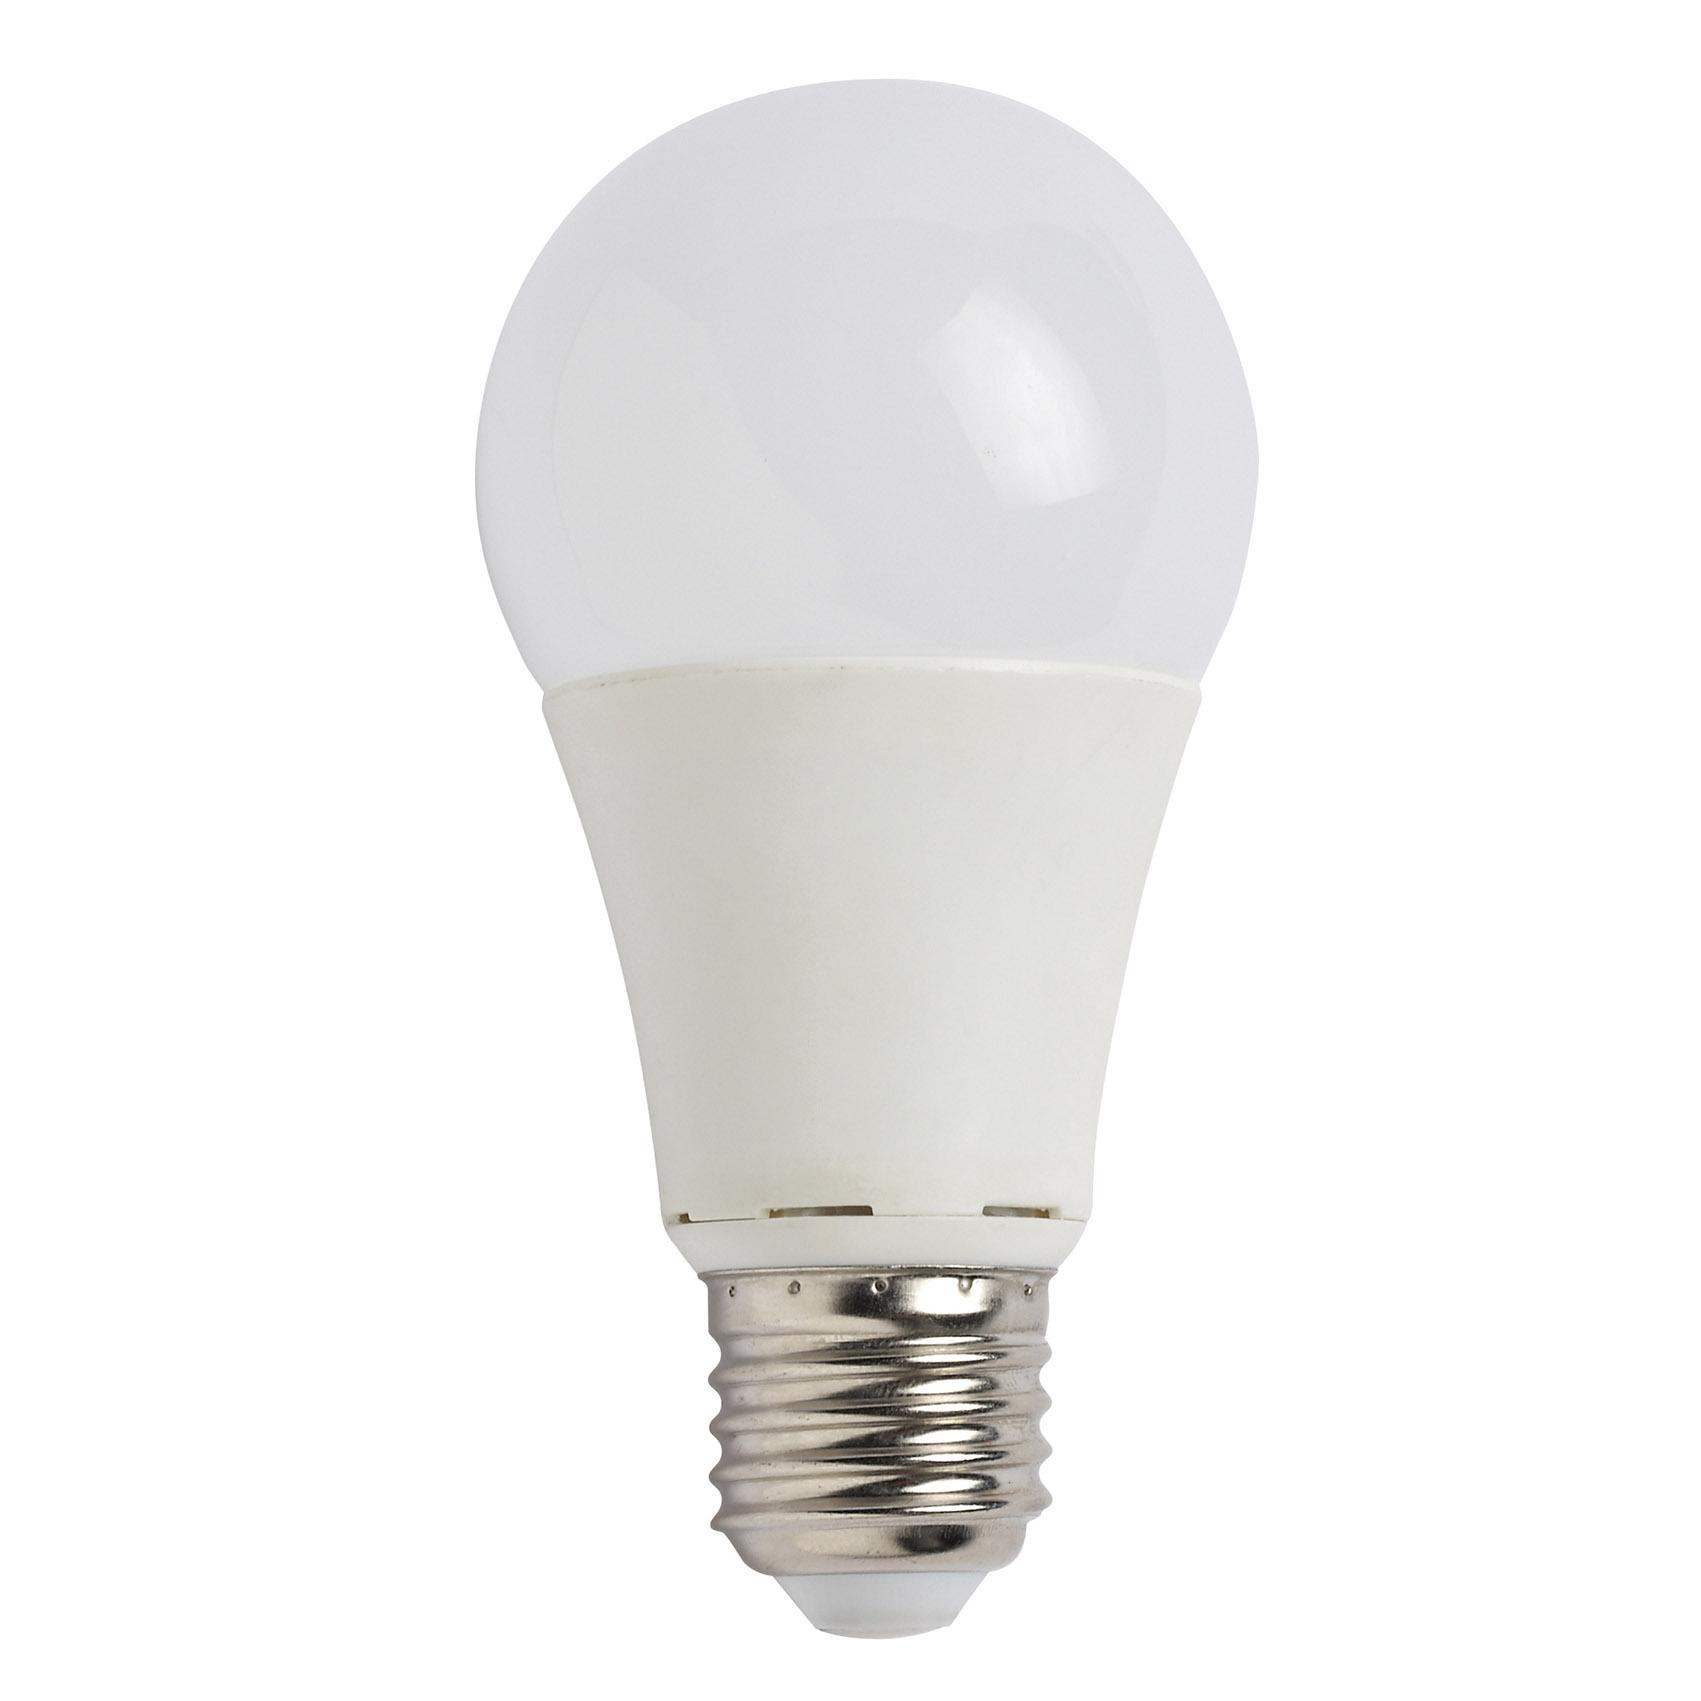 GLS Filament 9w LED E27